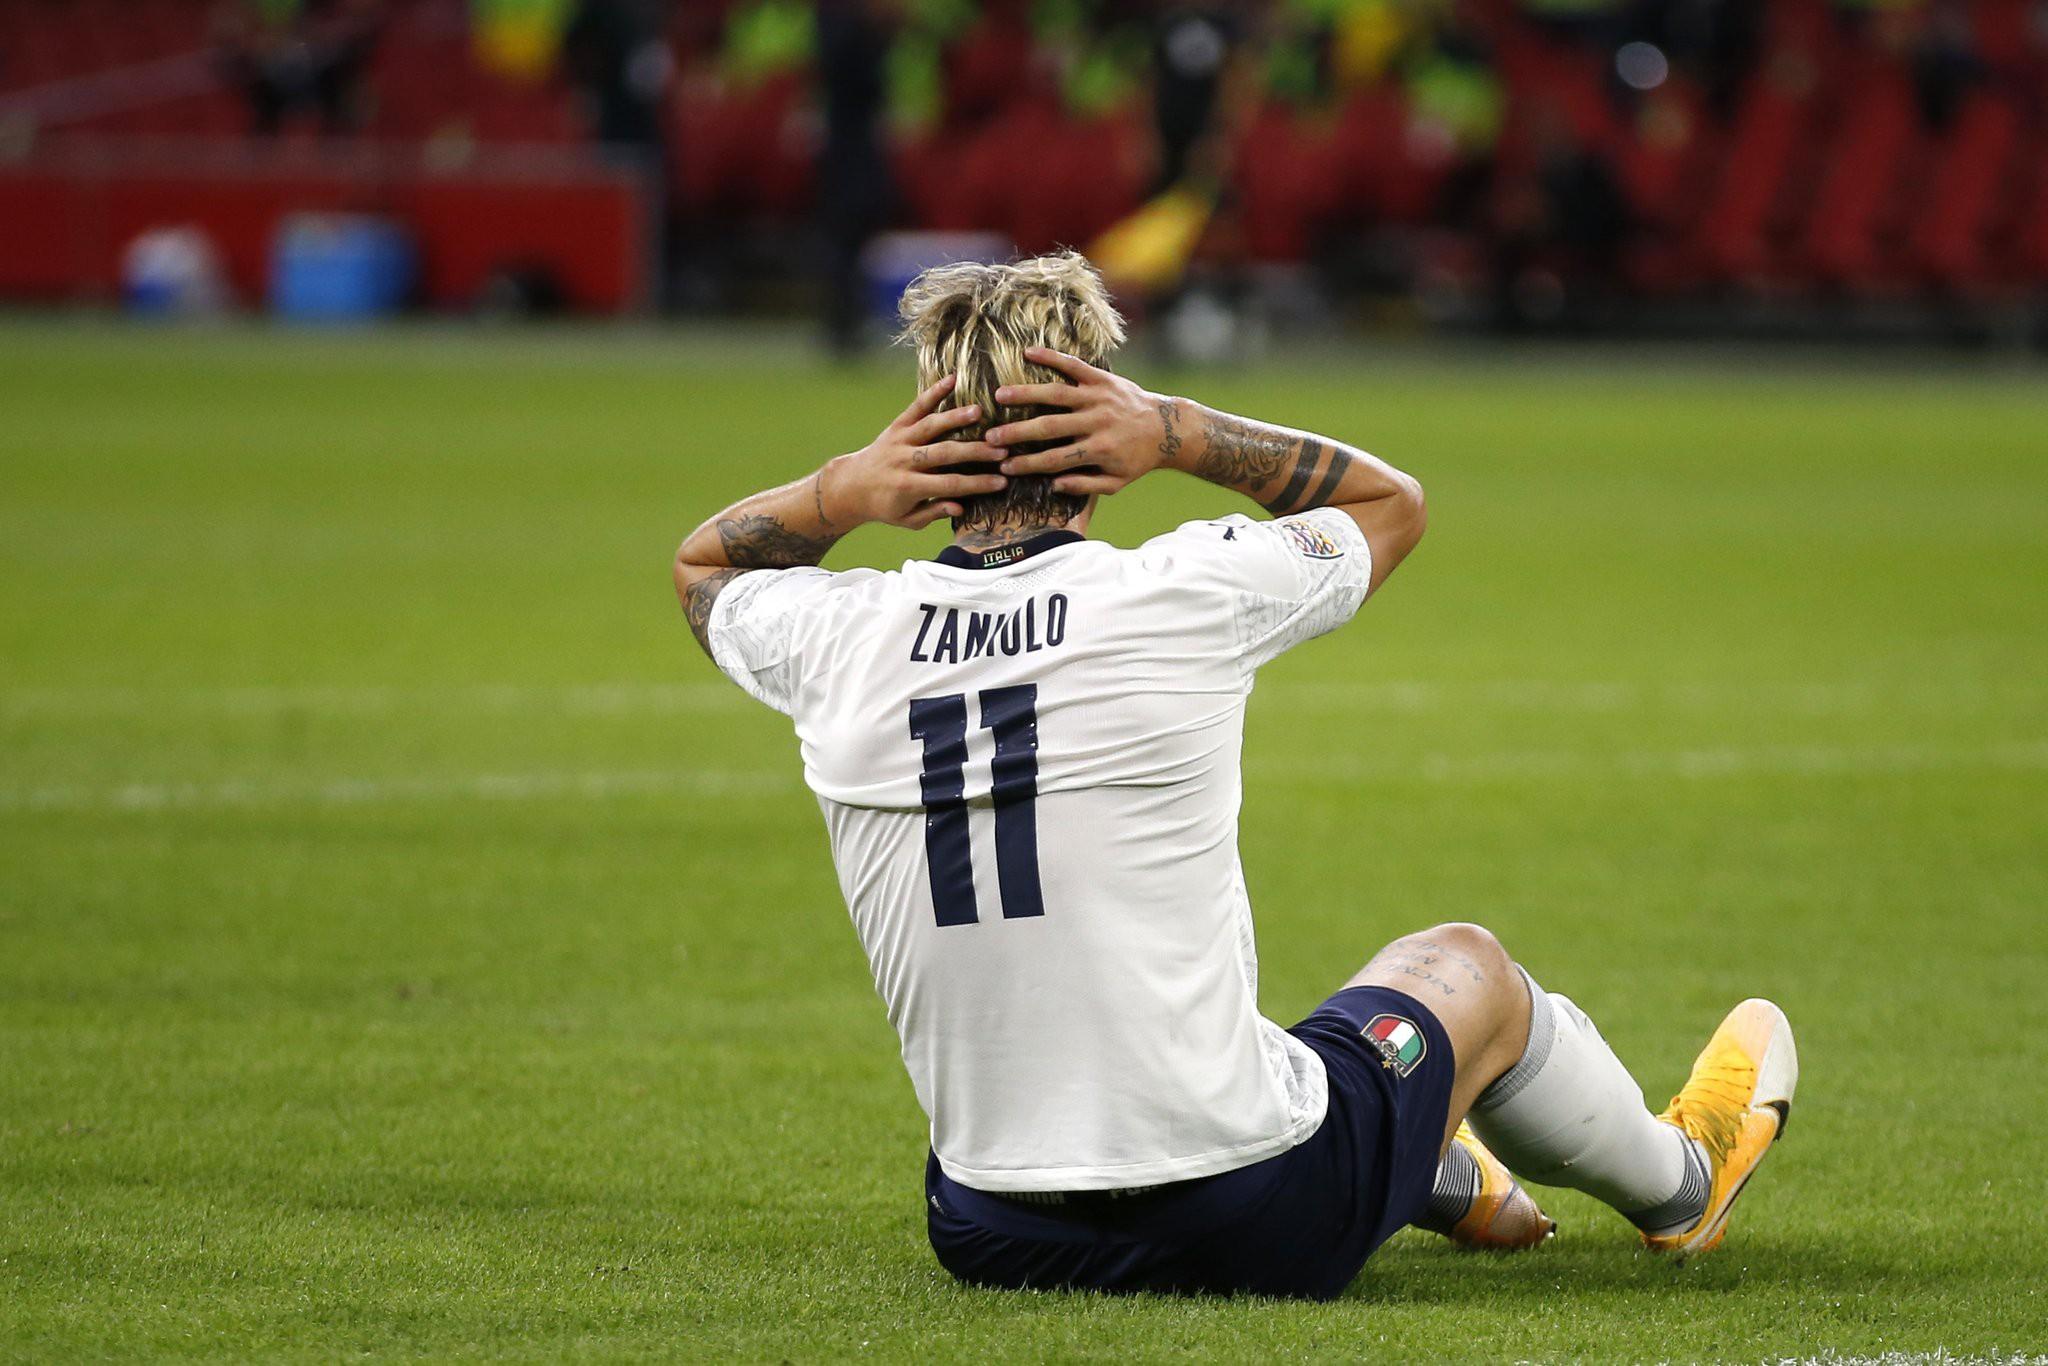 Roma, Zaniolo si confessa dopo l'infortunio: Voglio tornare in fretta |  Sport e Vai